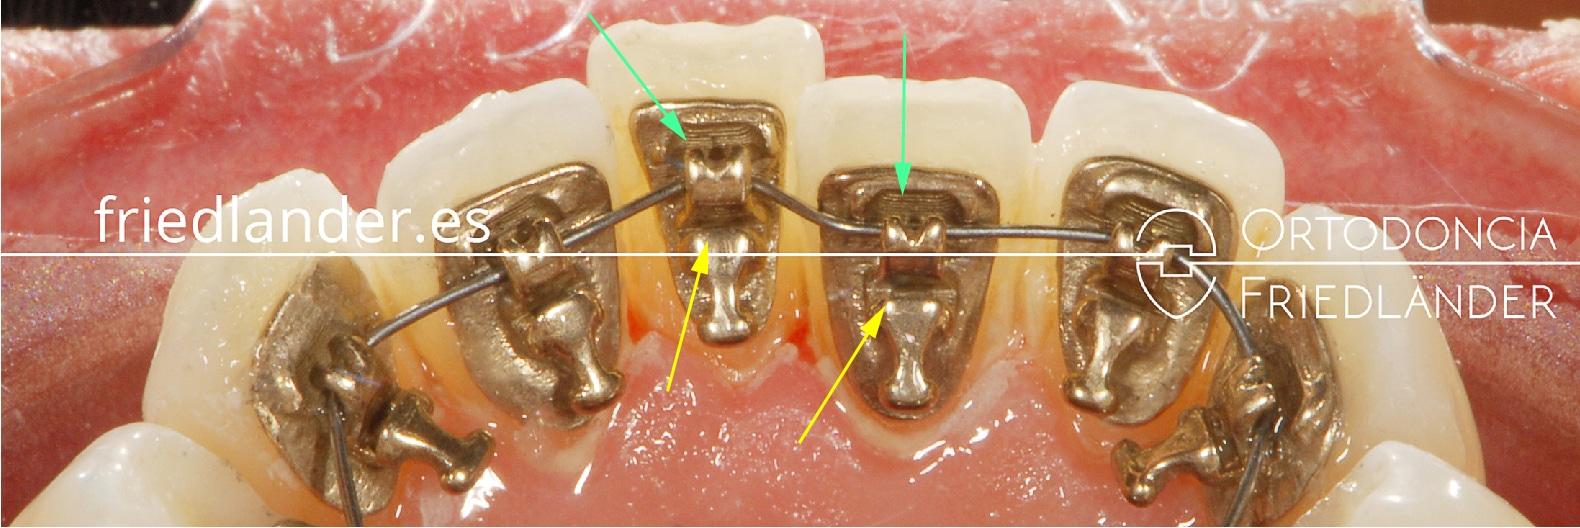 Ortodonia Friedlander Barcelona ortodoncia lingual invisible alineacion autoligado incognito